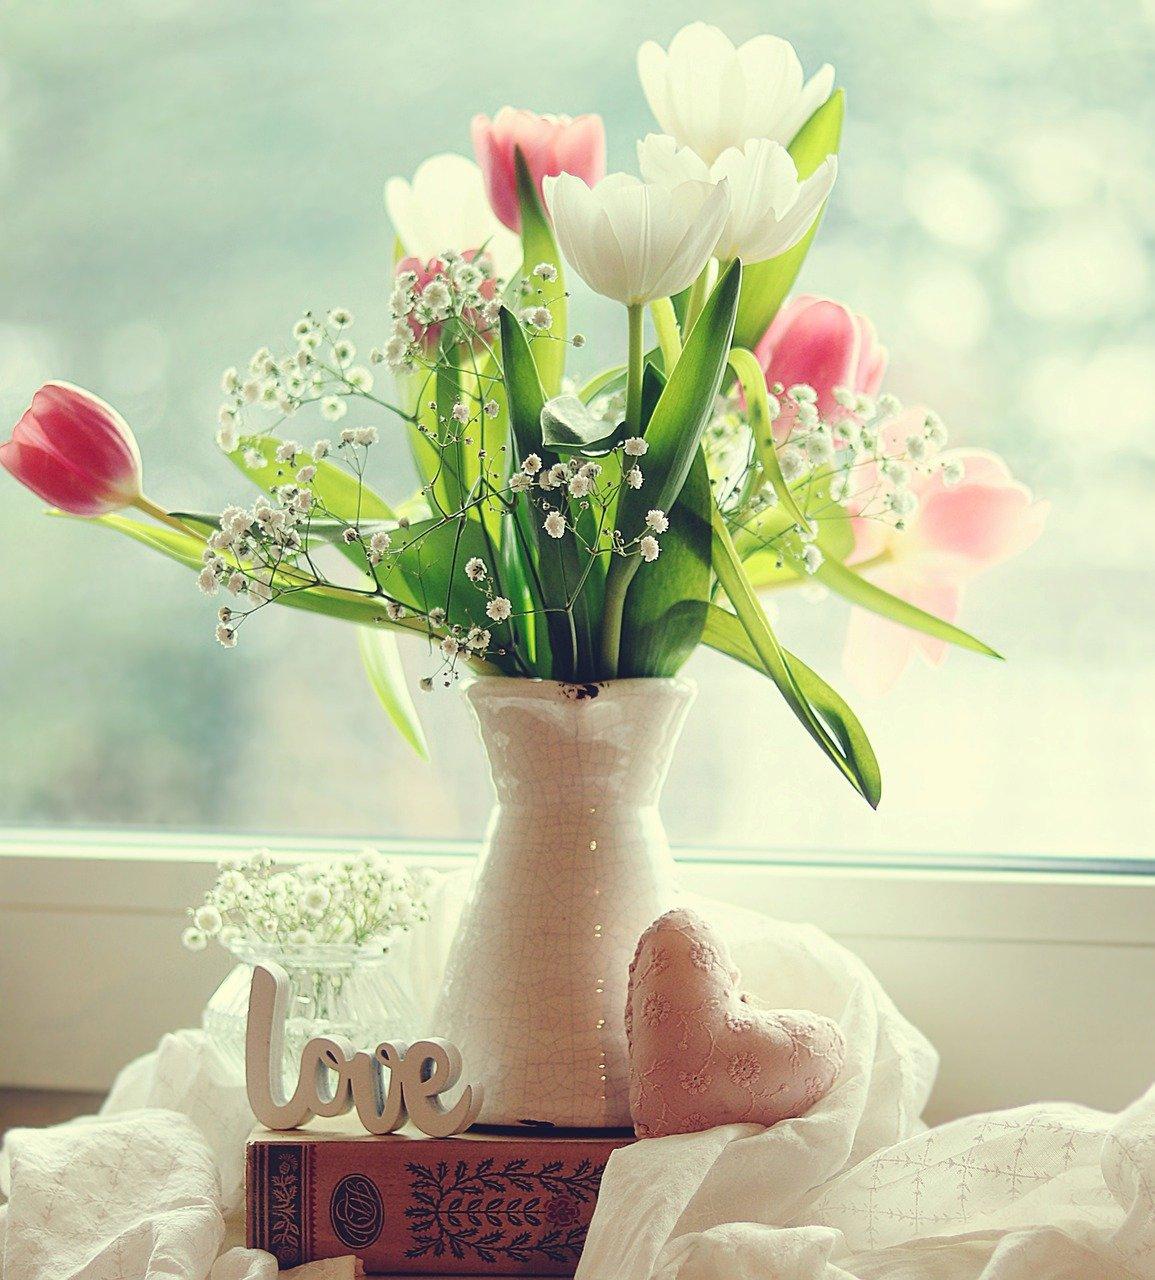 tulips, spring, love